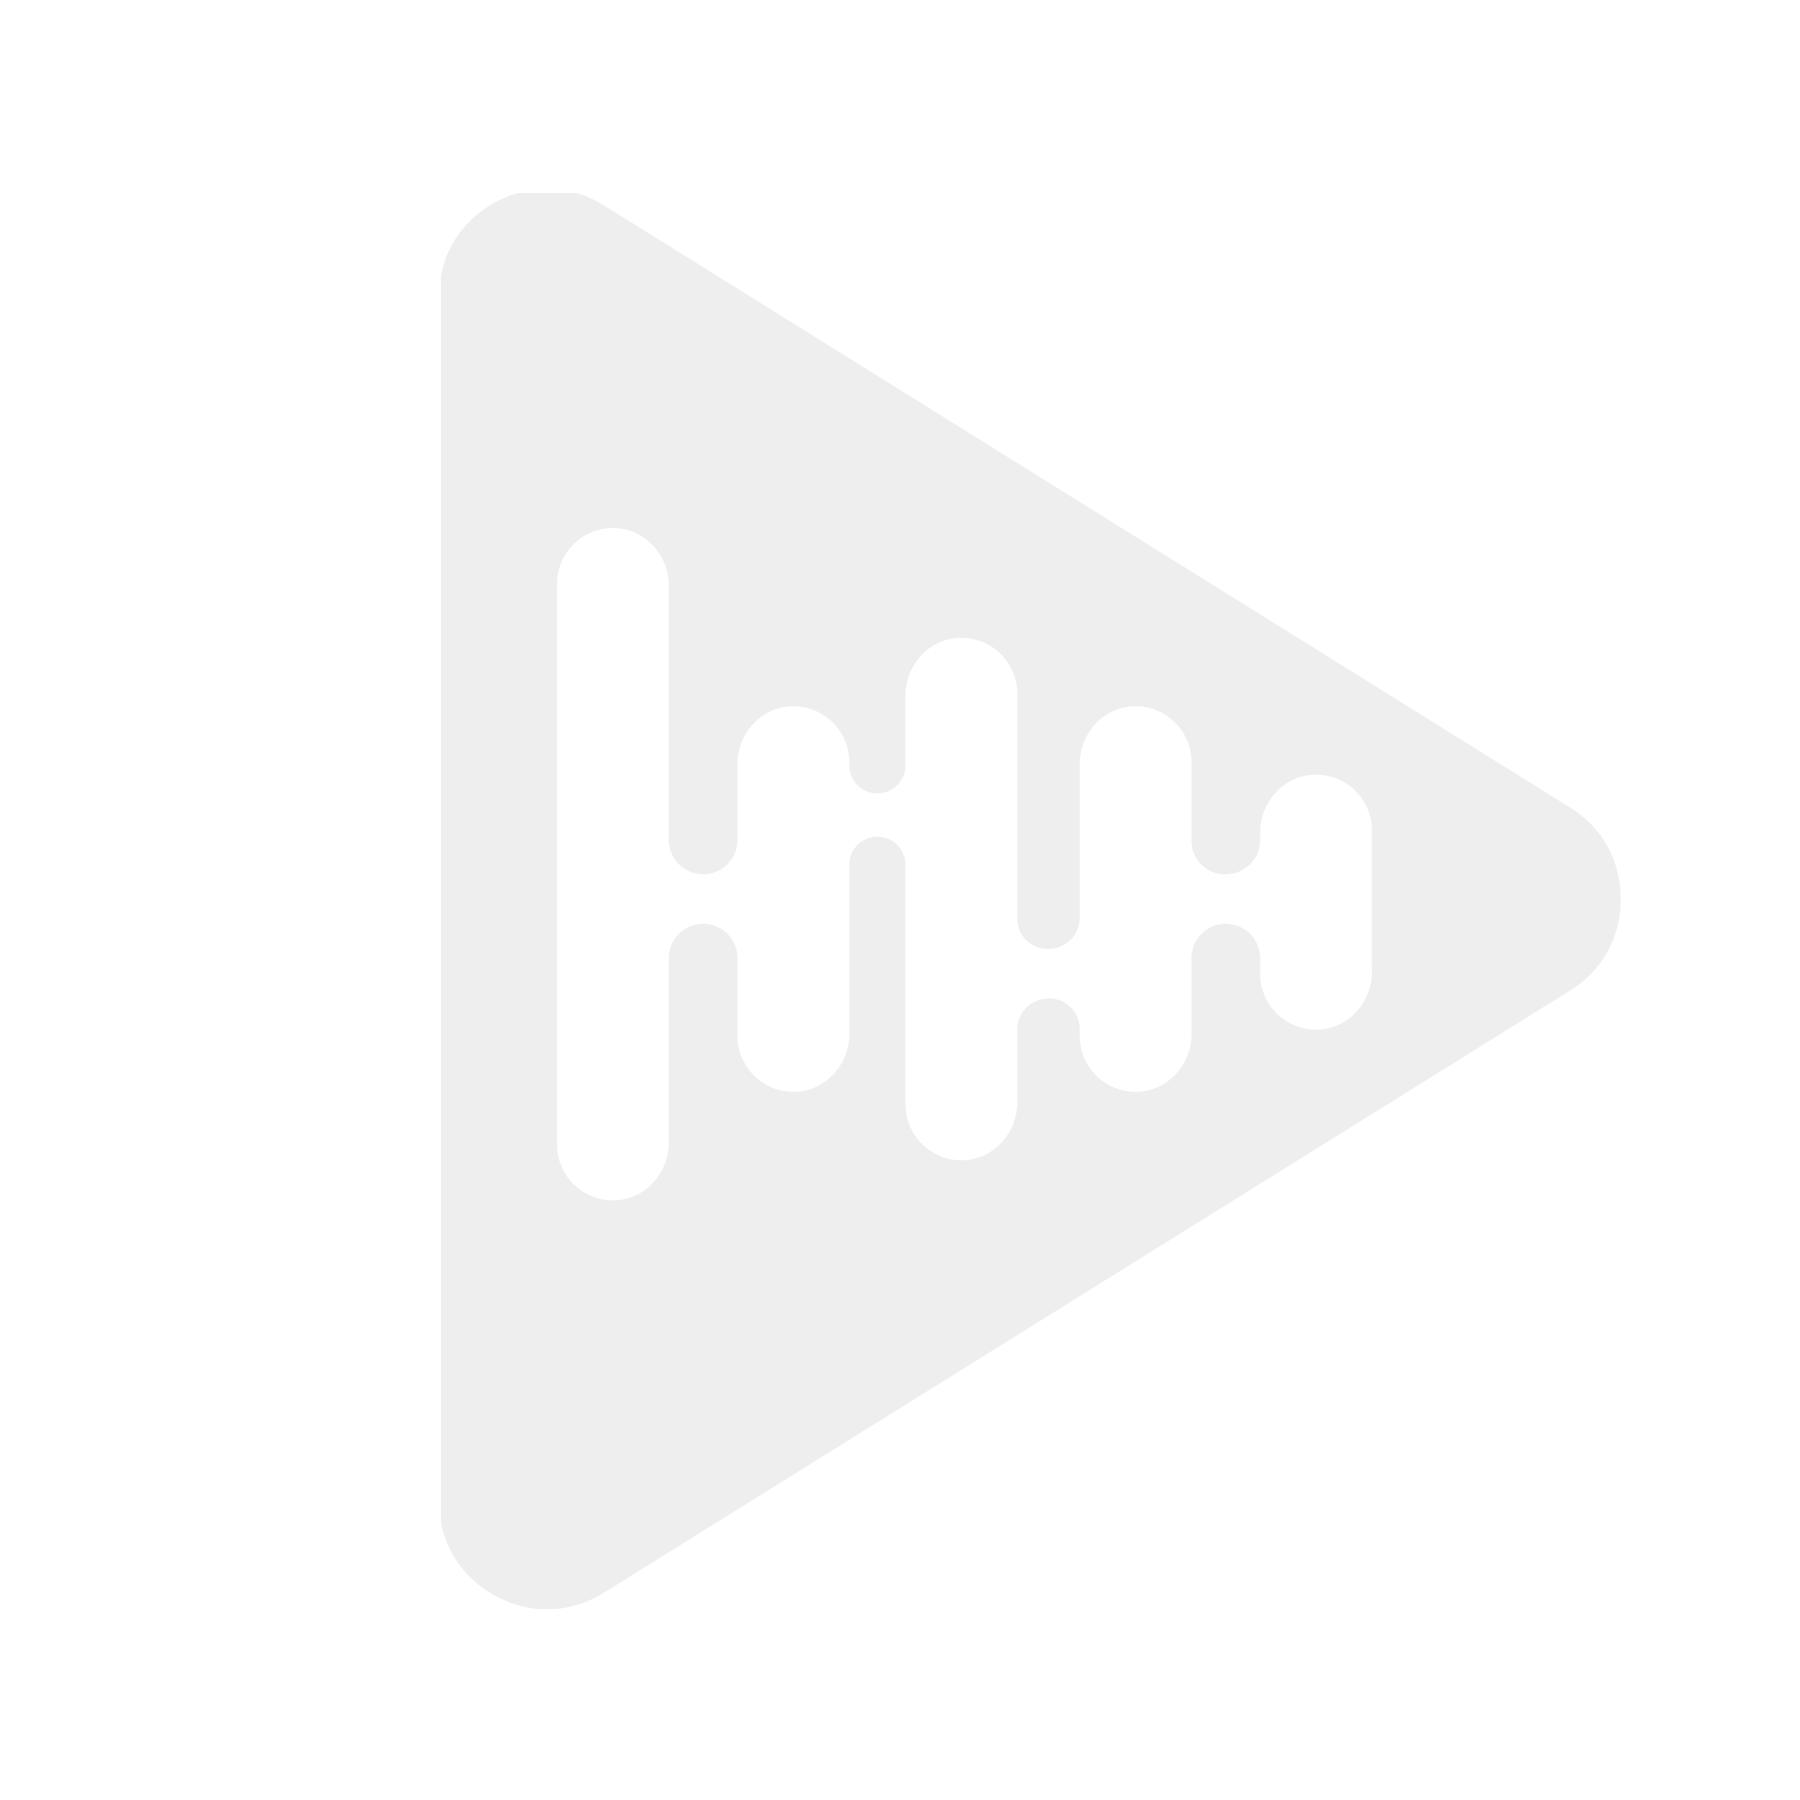 Pioneer CD-R320 - Fjernkontroll